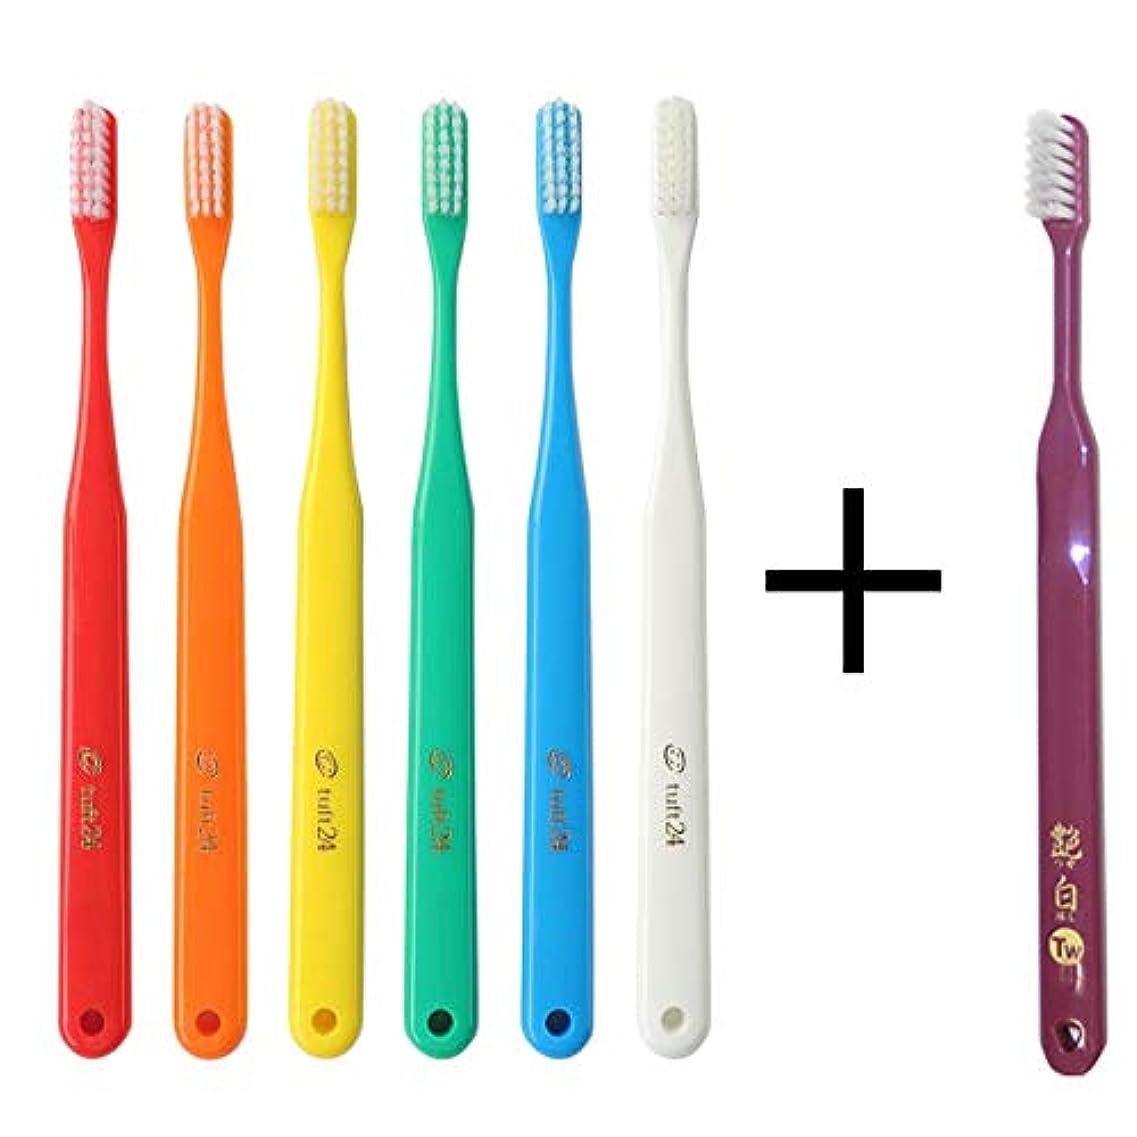 拒絶レイア小道具キャップなし タフト24 歯ブラシ × 25本入 S (アソート) + 艶白 歯ブラシ (日本製) ×1本 MS(やややわらかめ) 大人用歯ブラシ 歯科医院取扱品